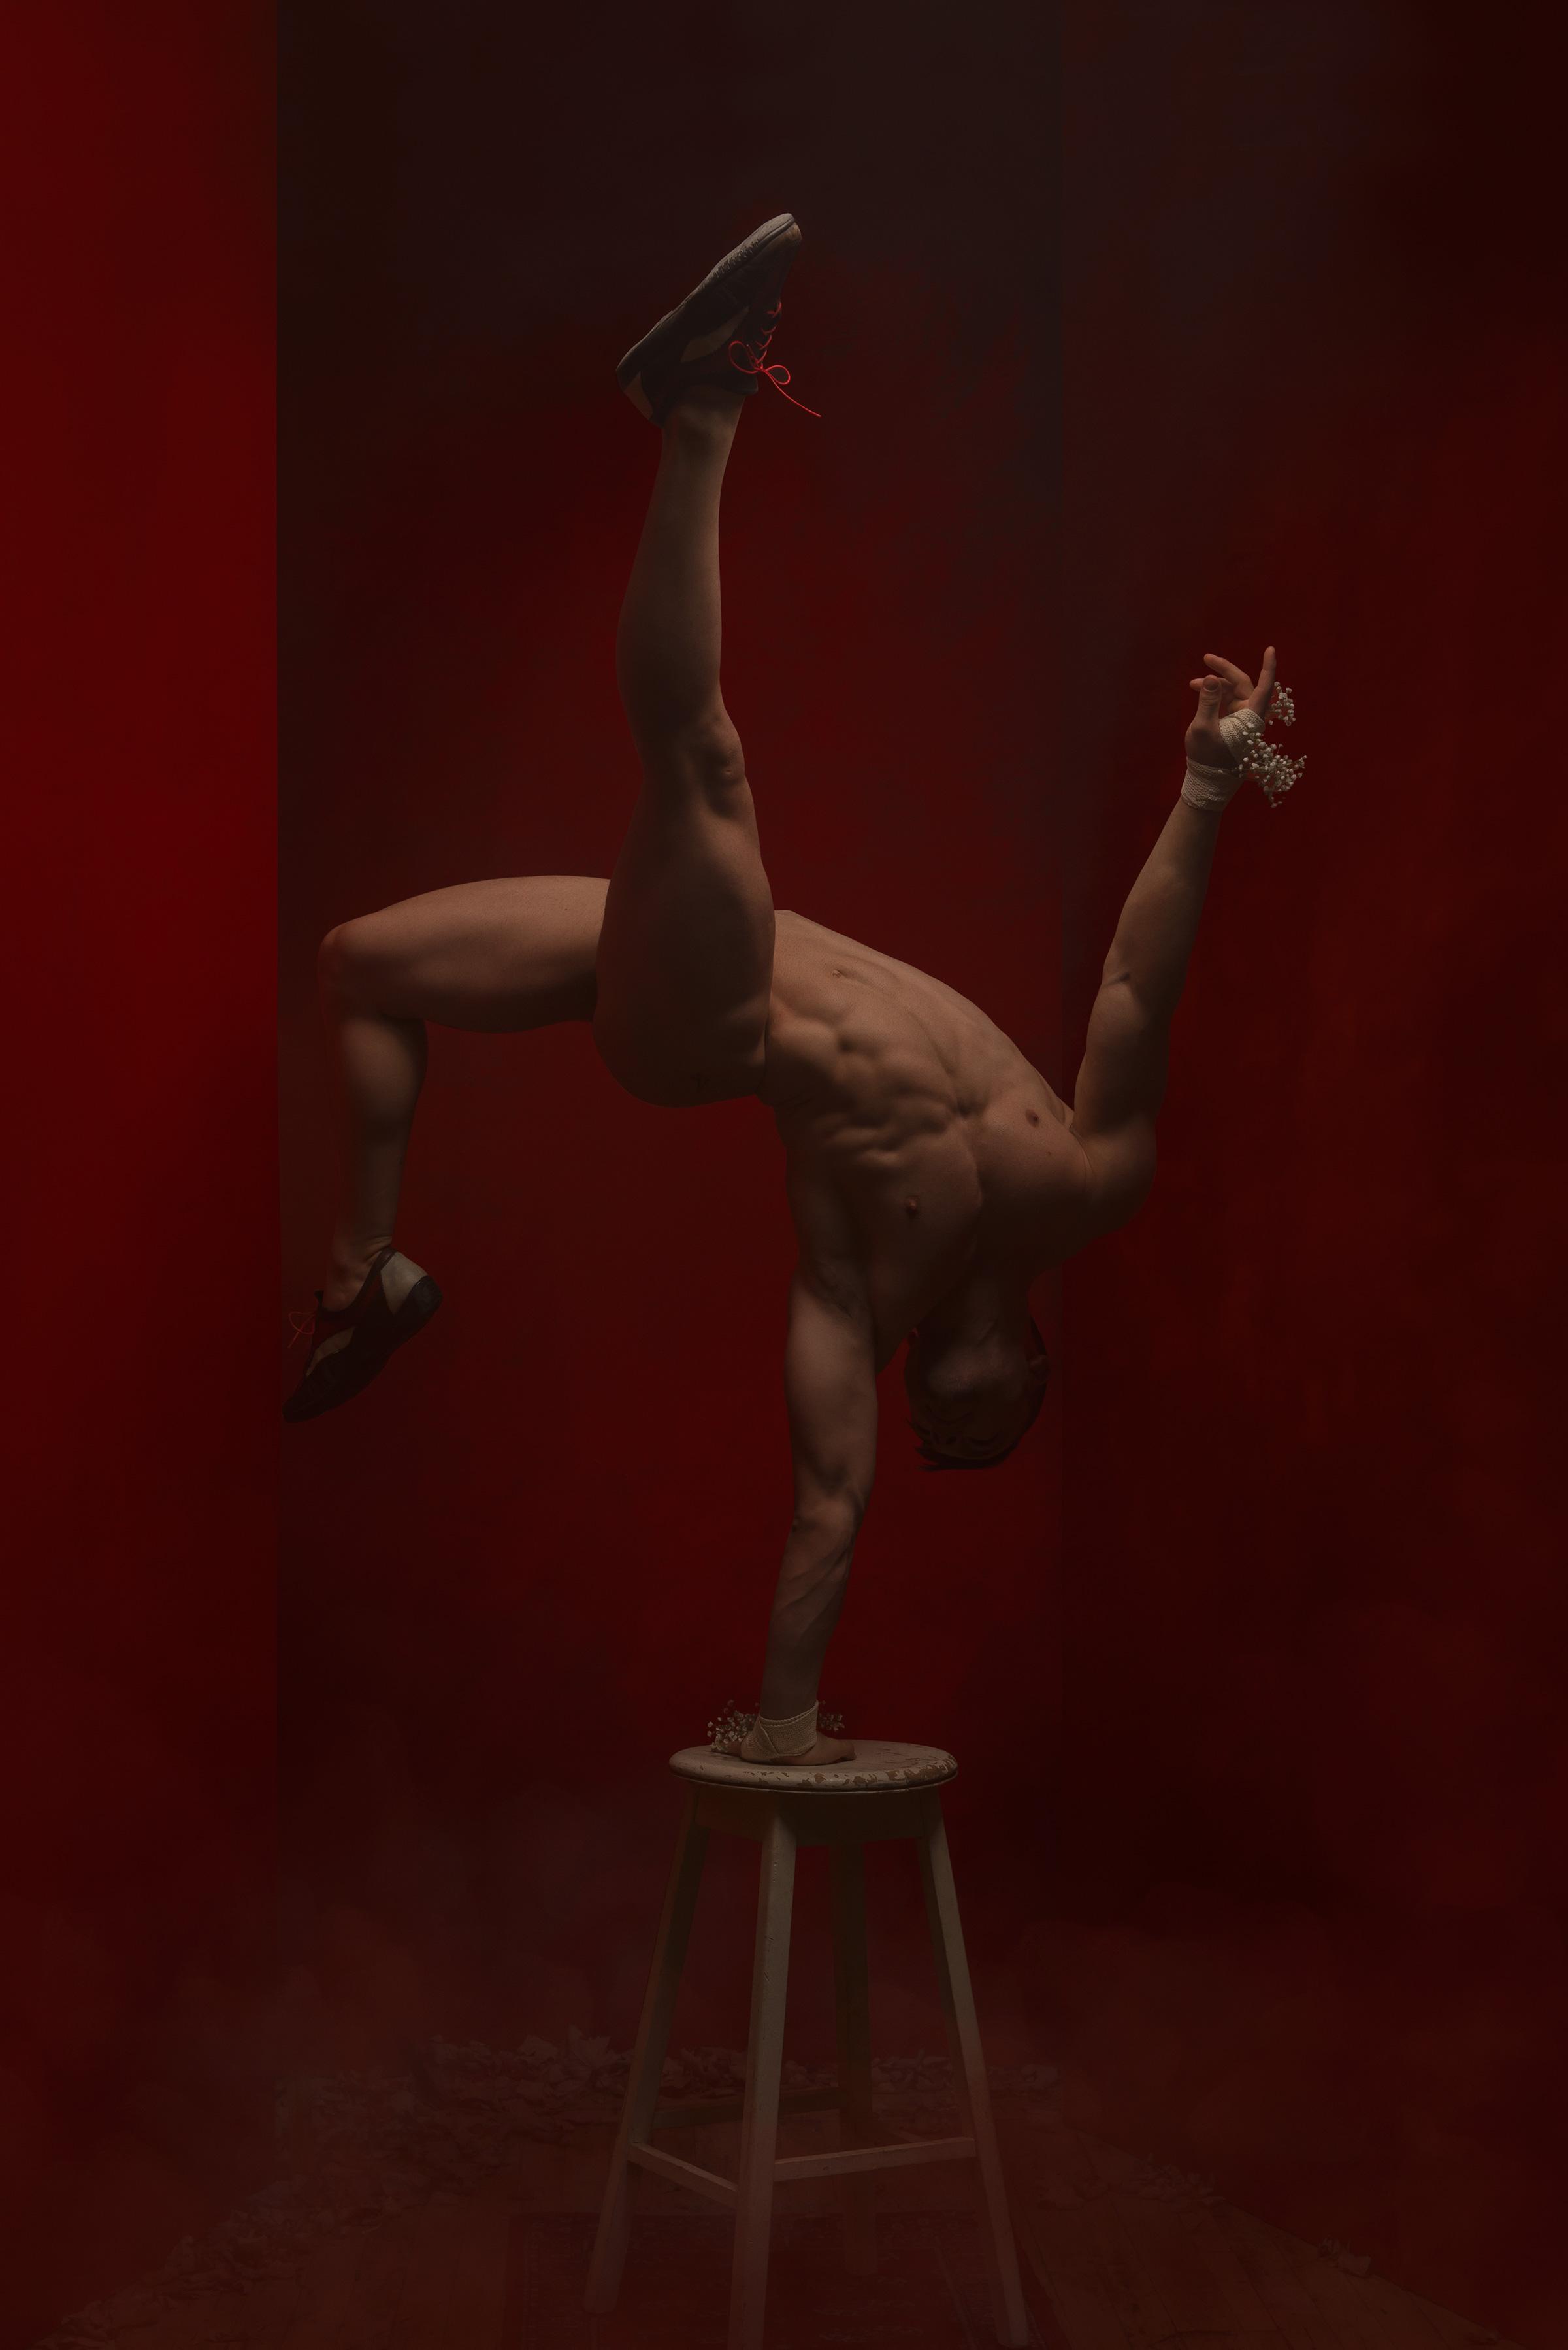 Erotic-circus-001-0024986.jpg